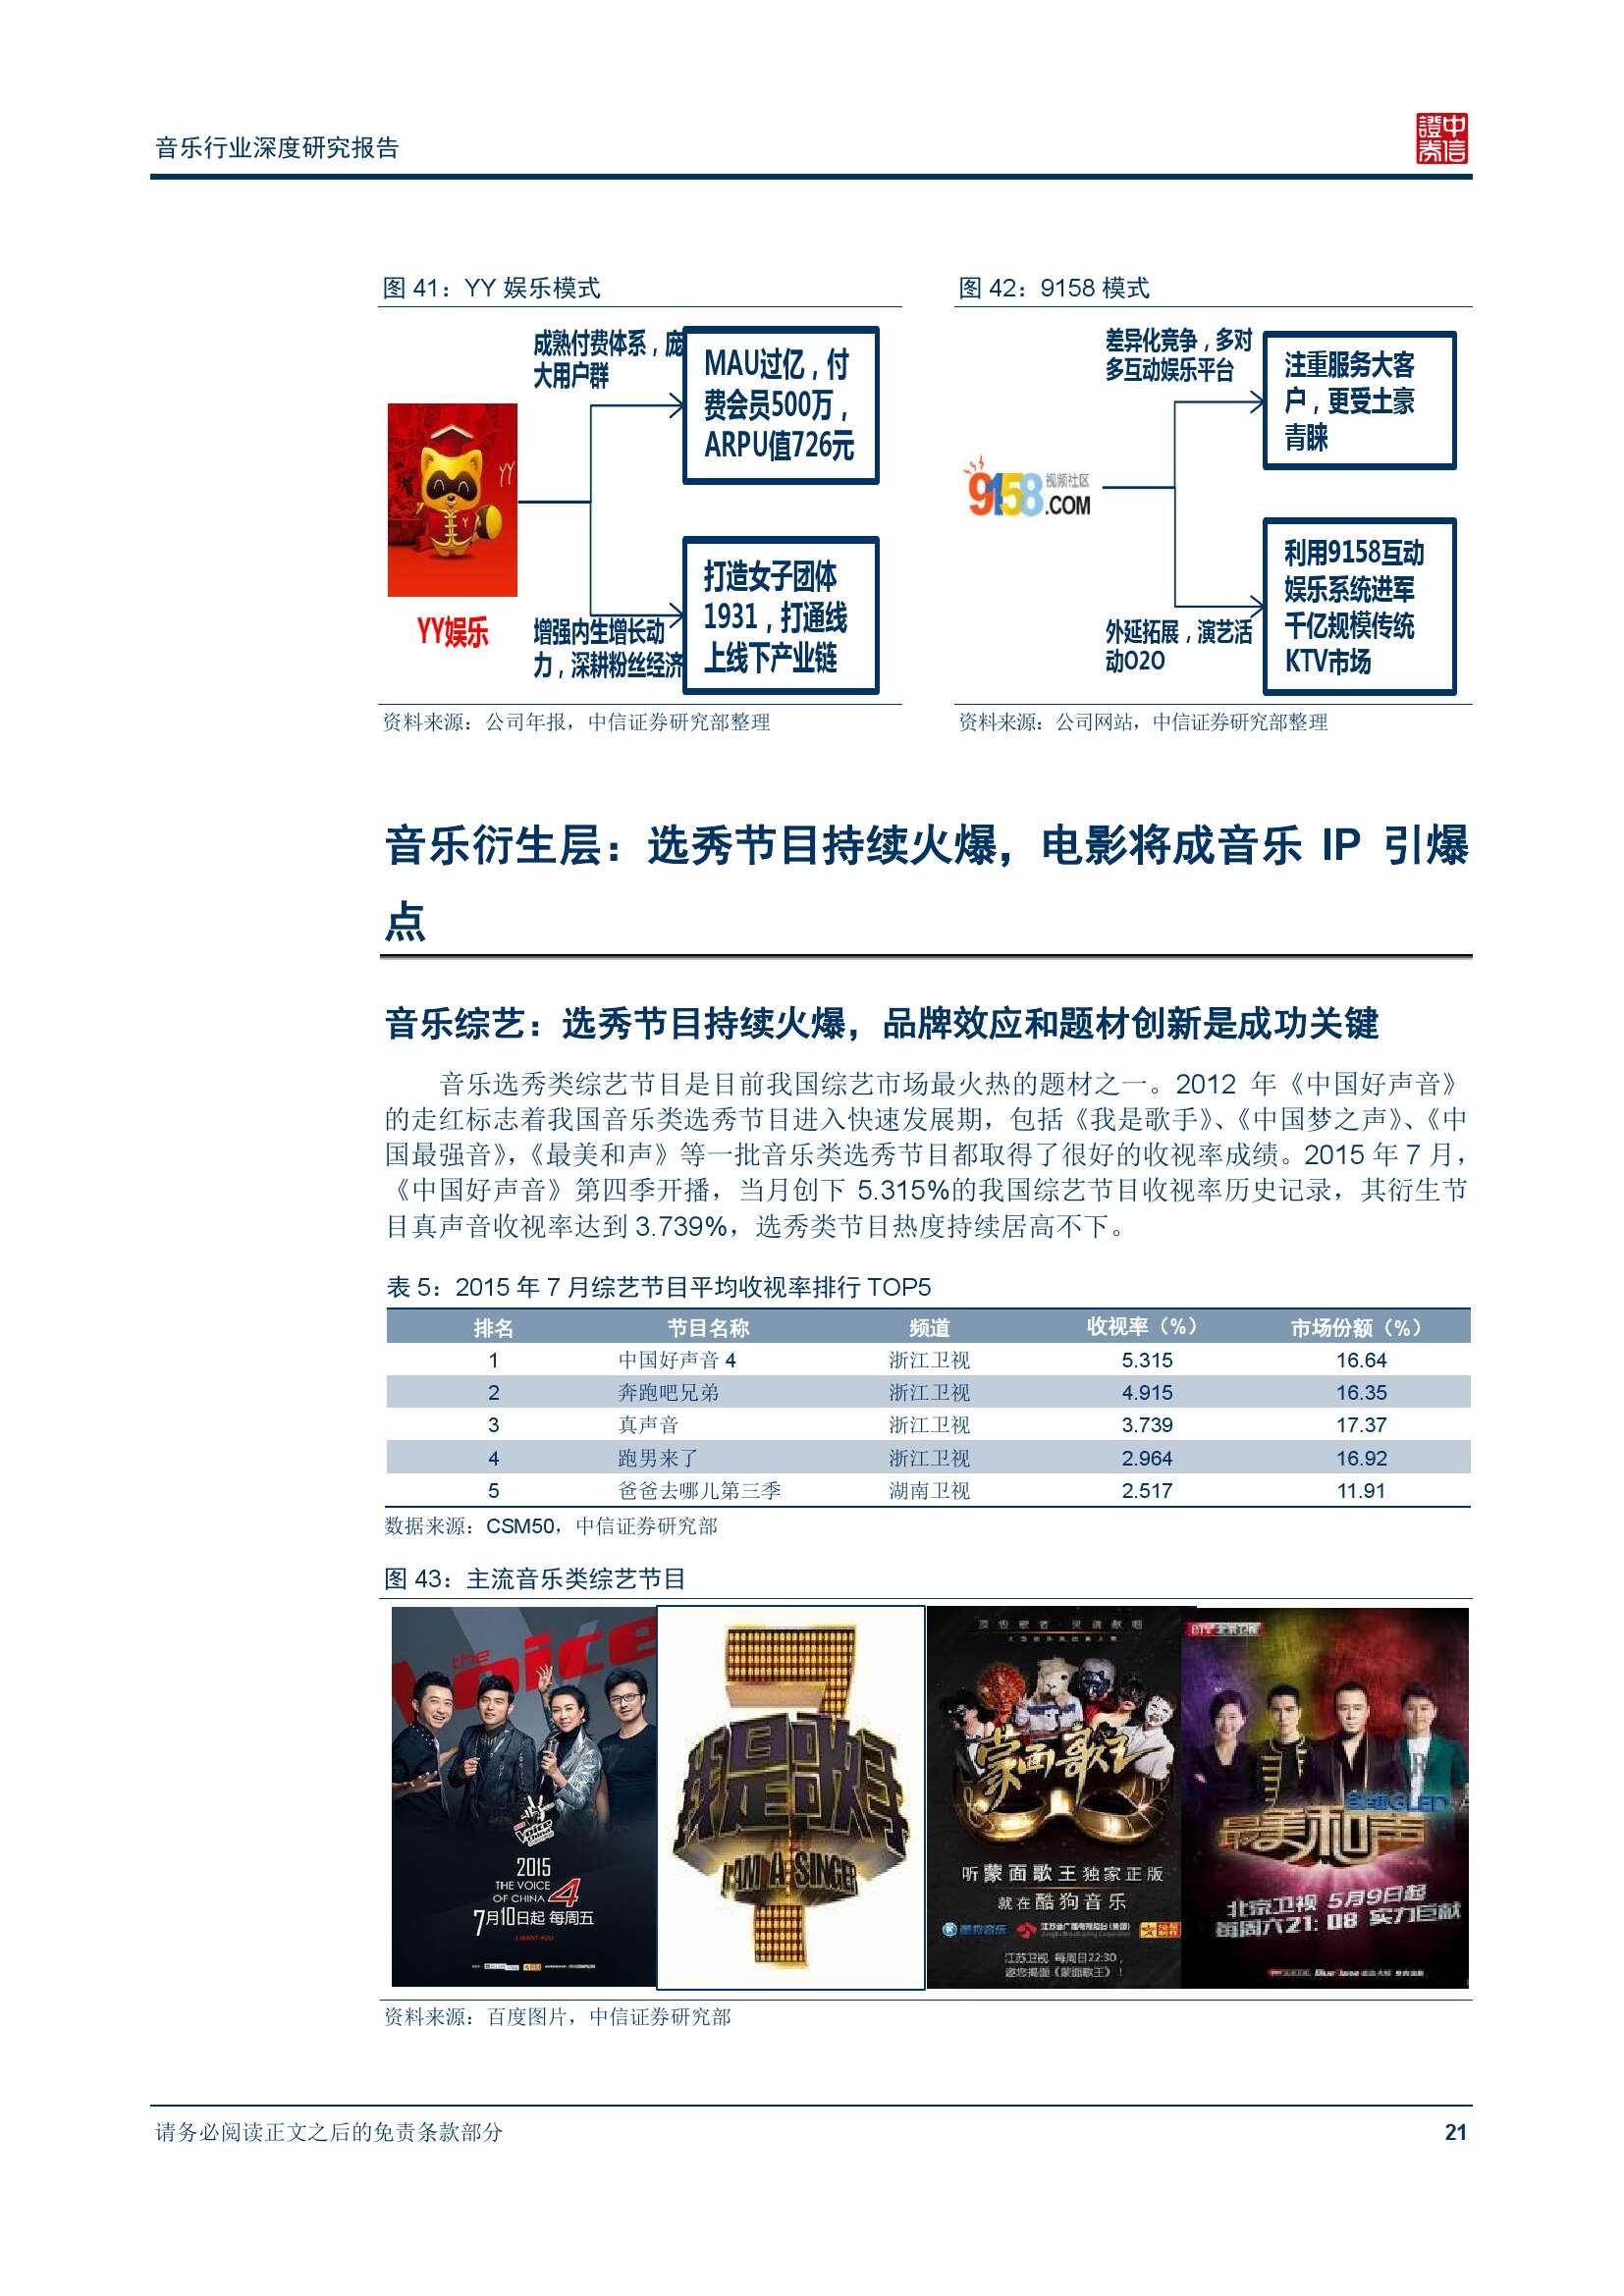 中信证券音乐行业深度研究报告_000026